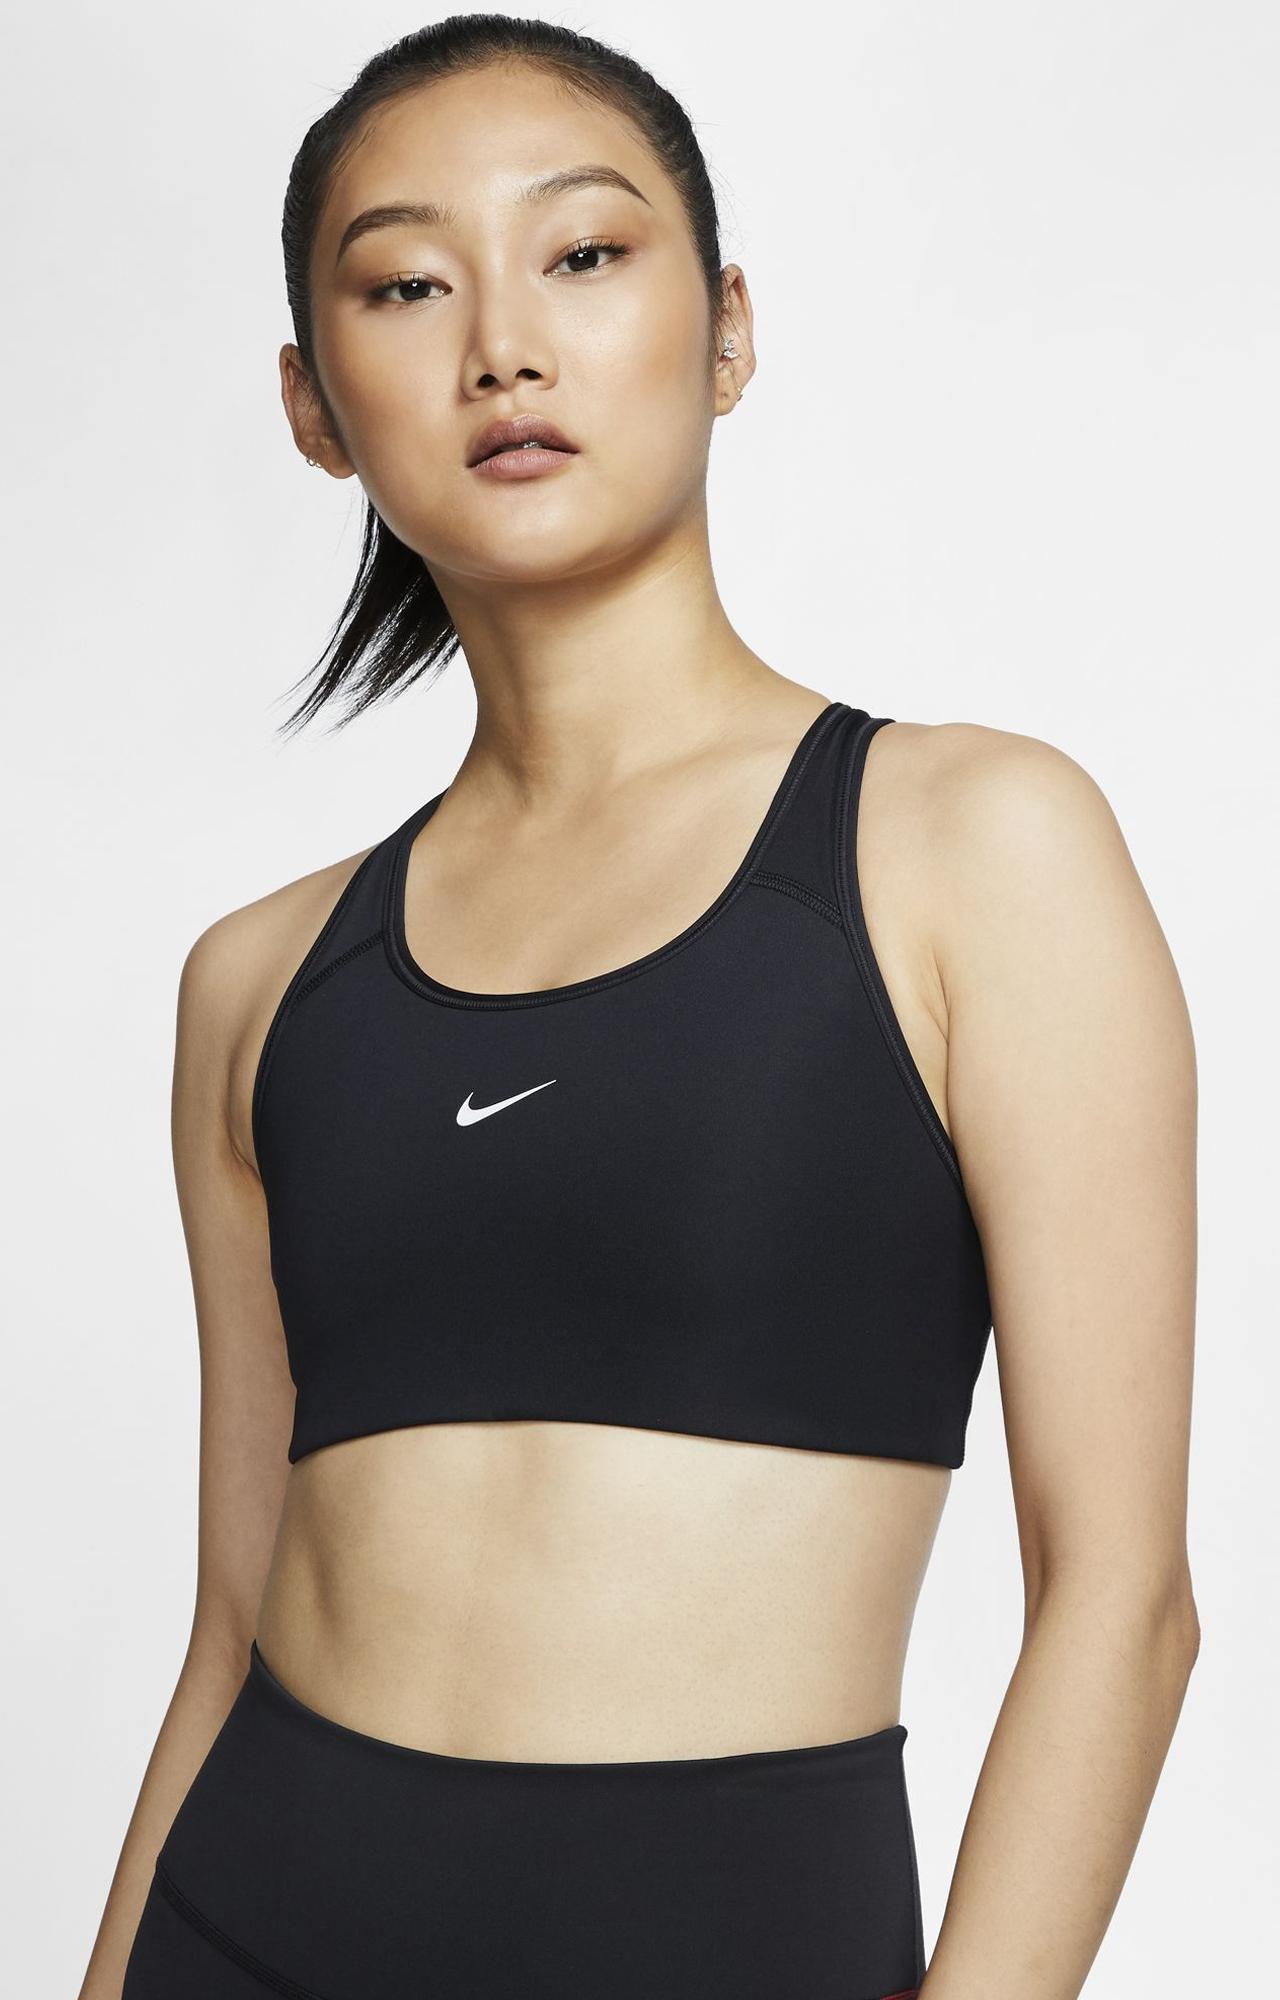 Nike   NIKE AS NIKE SWOOSH BRA PAD BRATOP